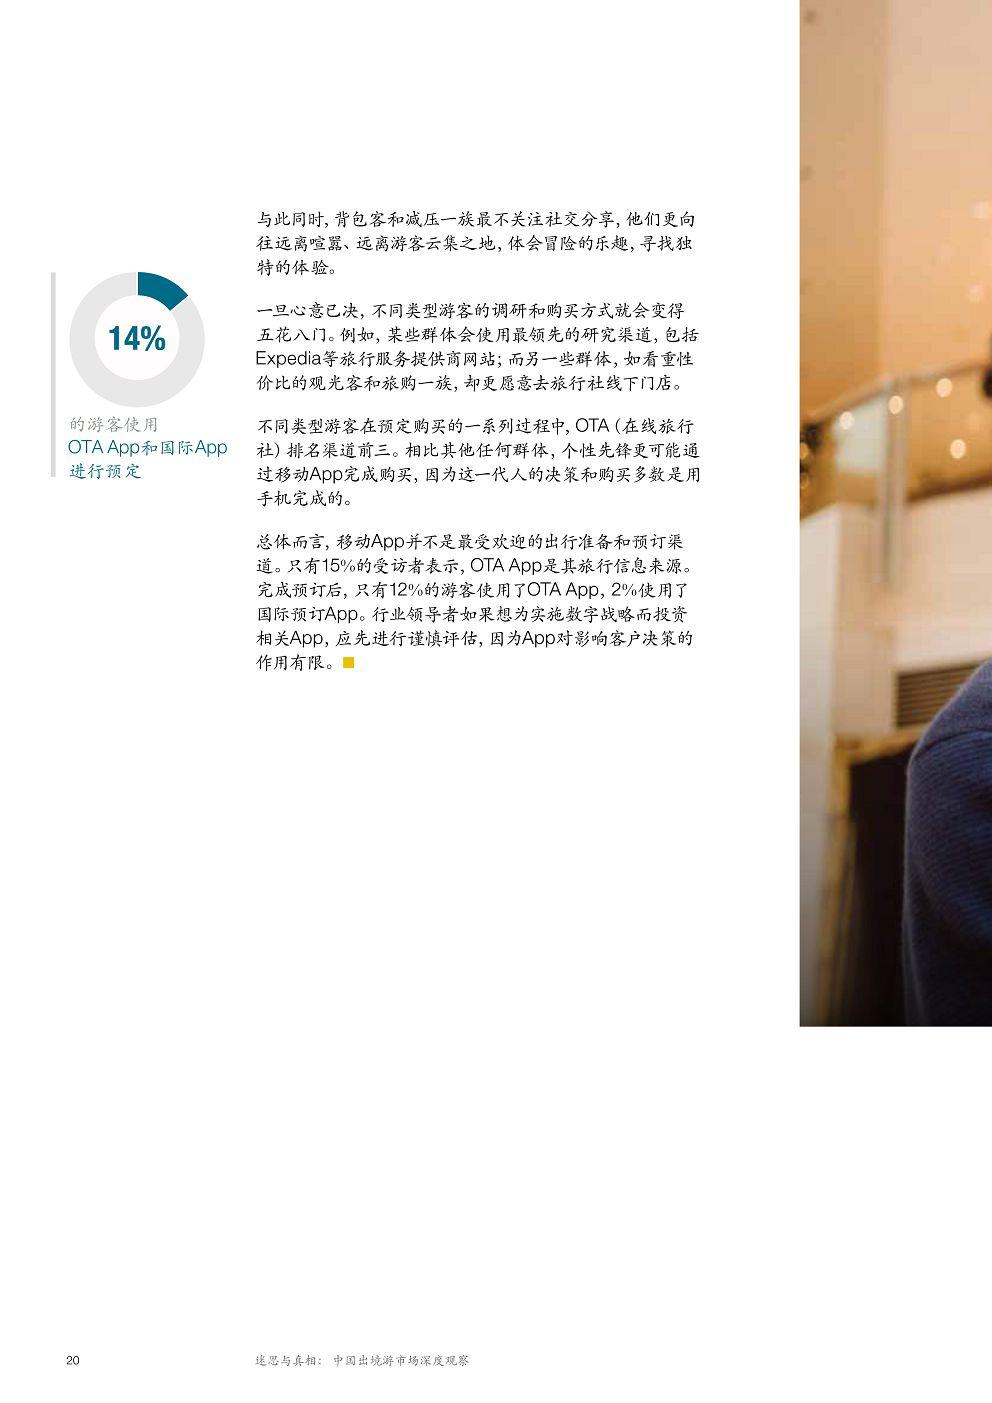 McK_China-tourism-report-2018_CN_24